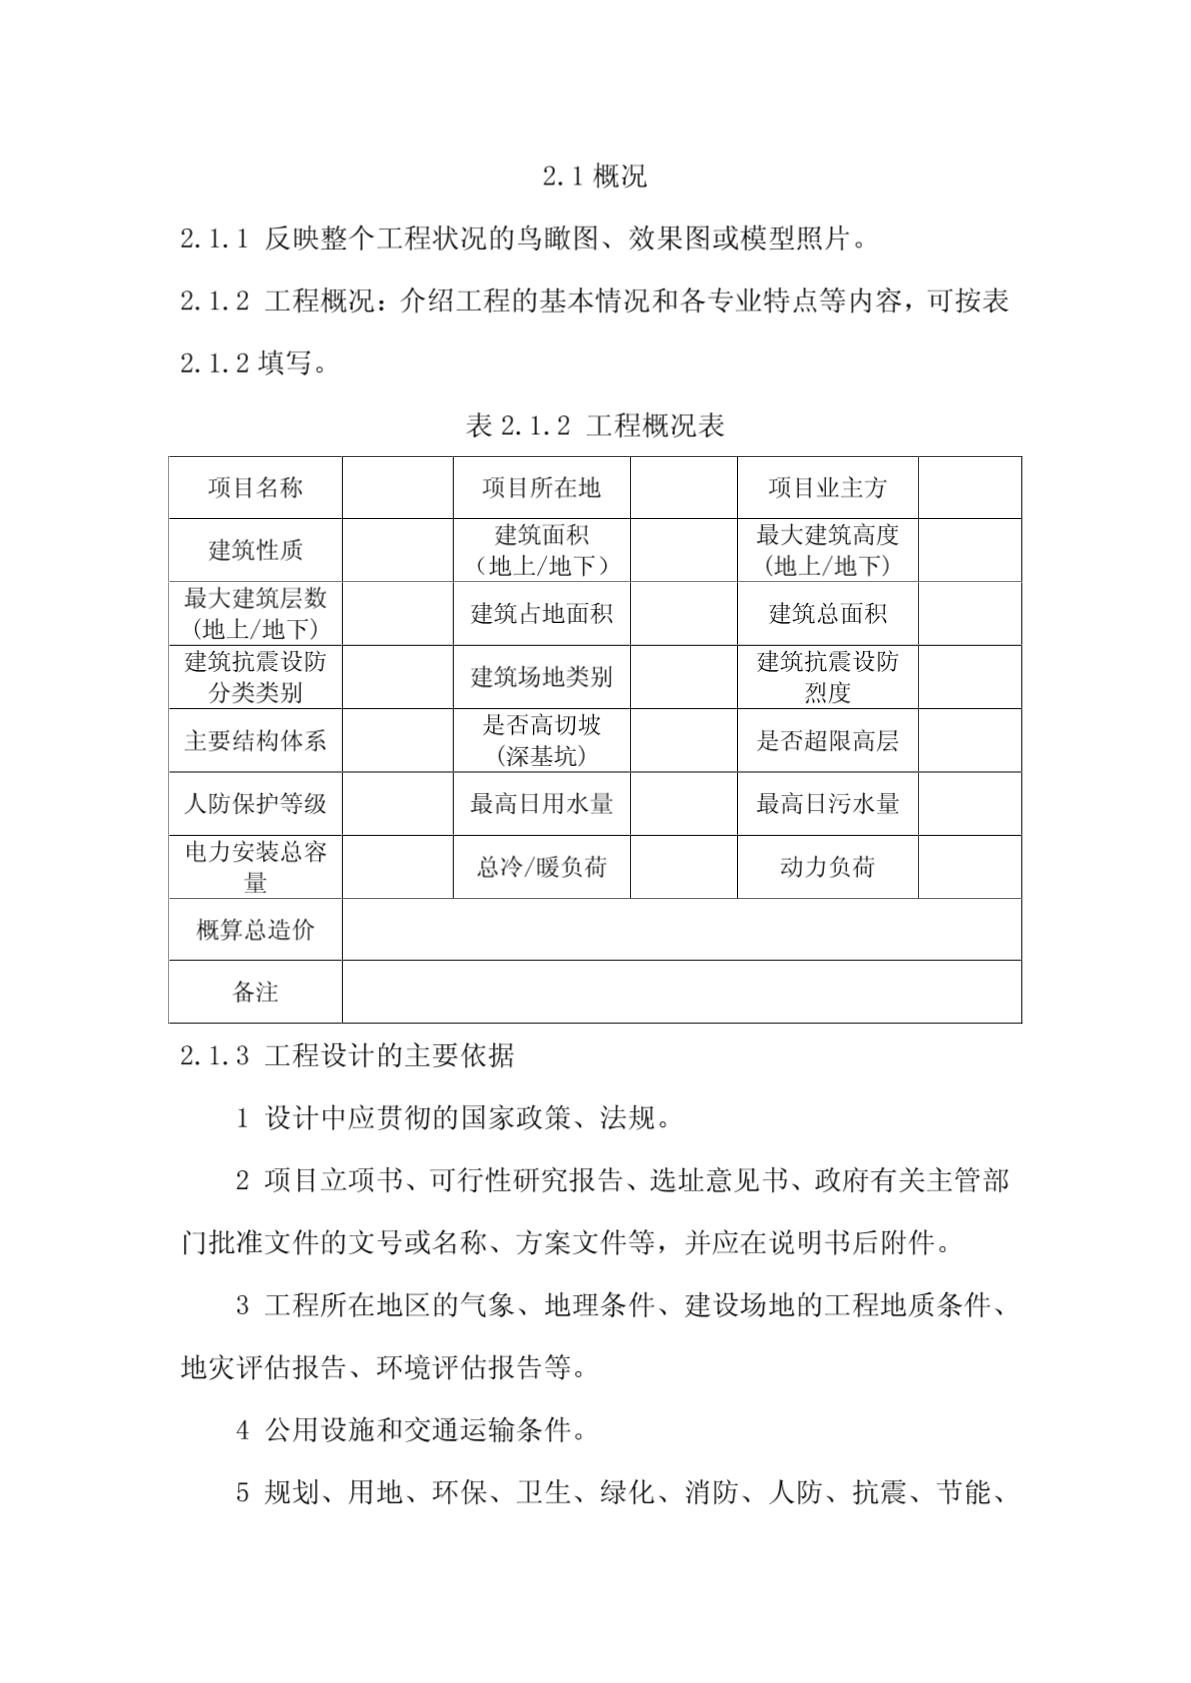 cmd重庆市建筑工程初步设计文件编制技术规定图片1